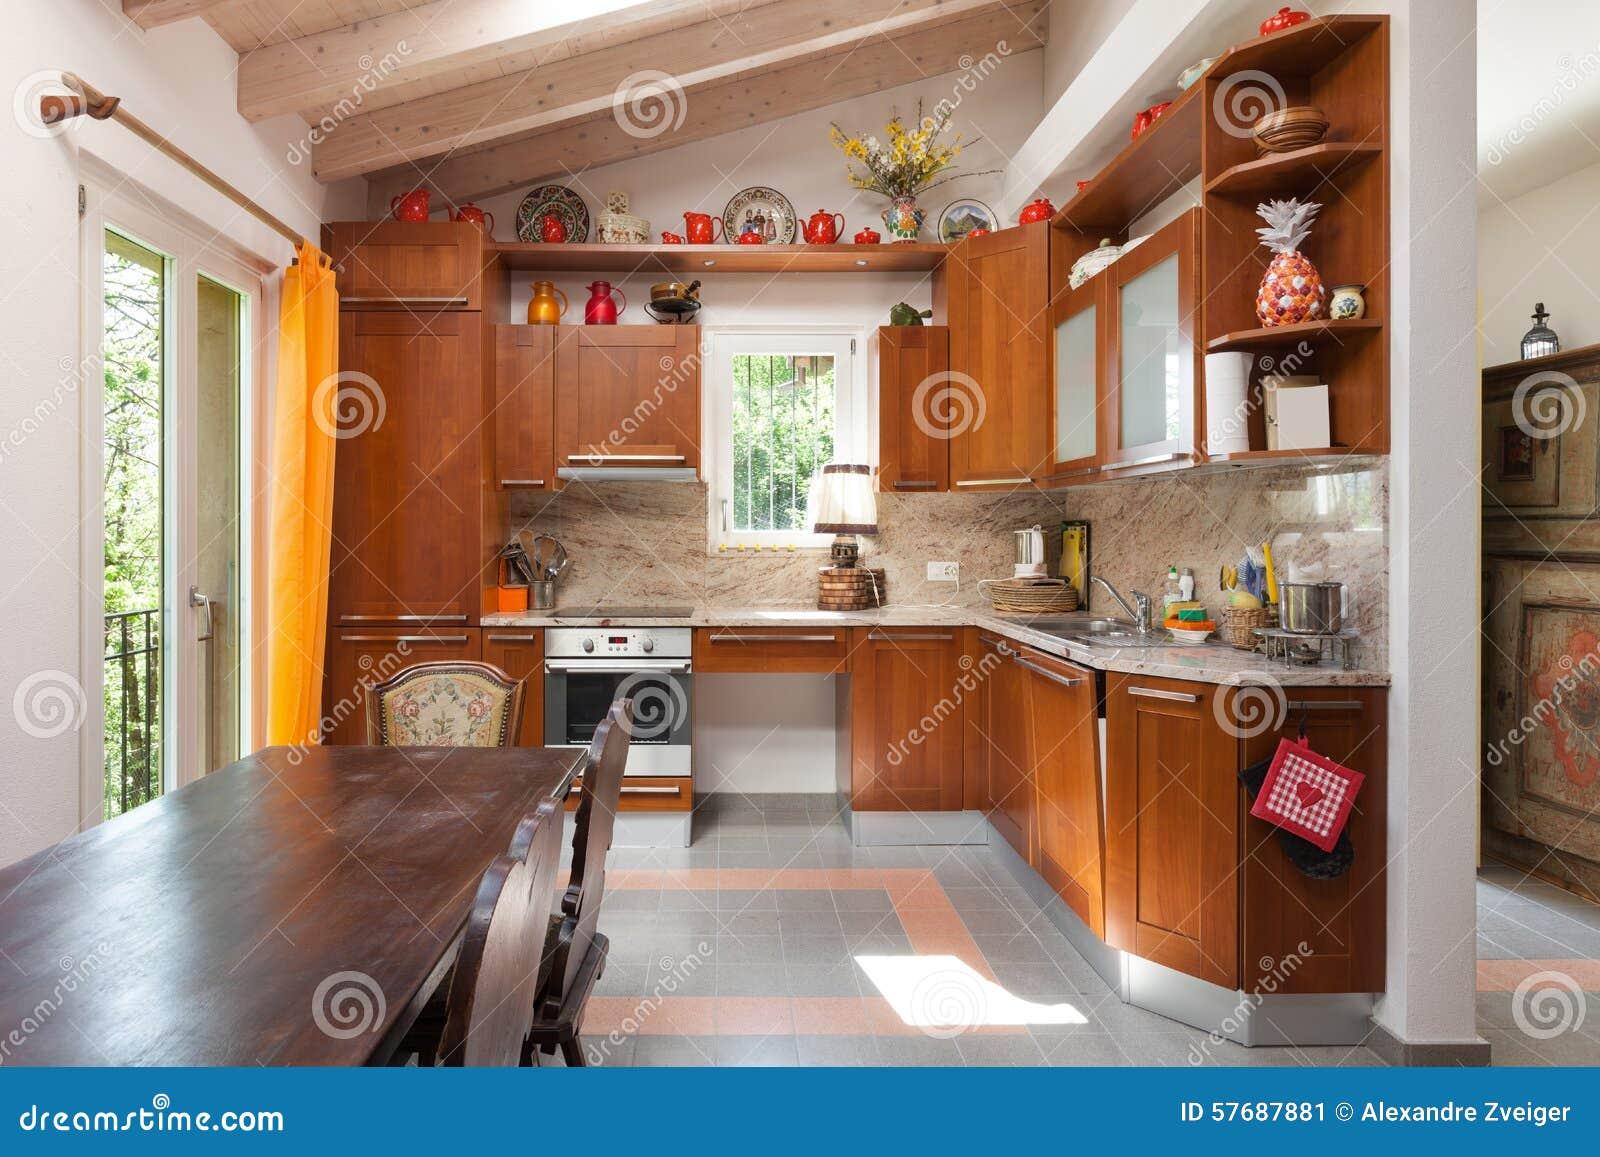 Cucine di campagna dettagli della cucina di campagna in legno di design classico moderno neo u - Cucina di campagna ...